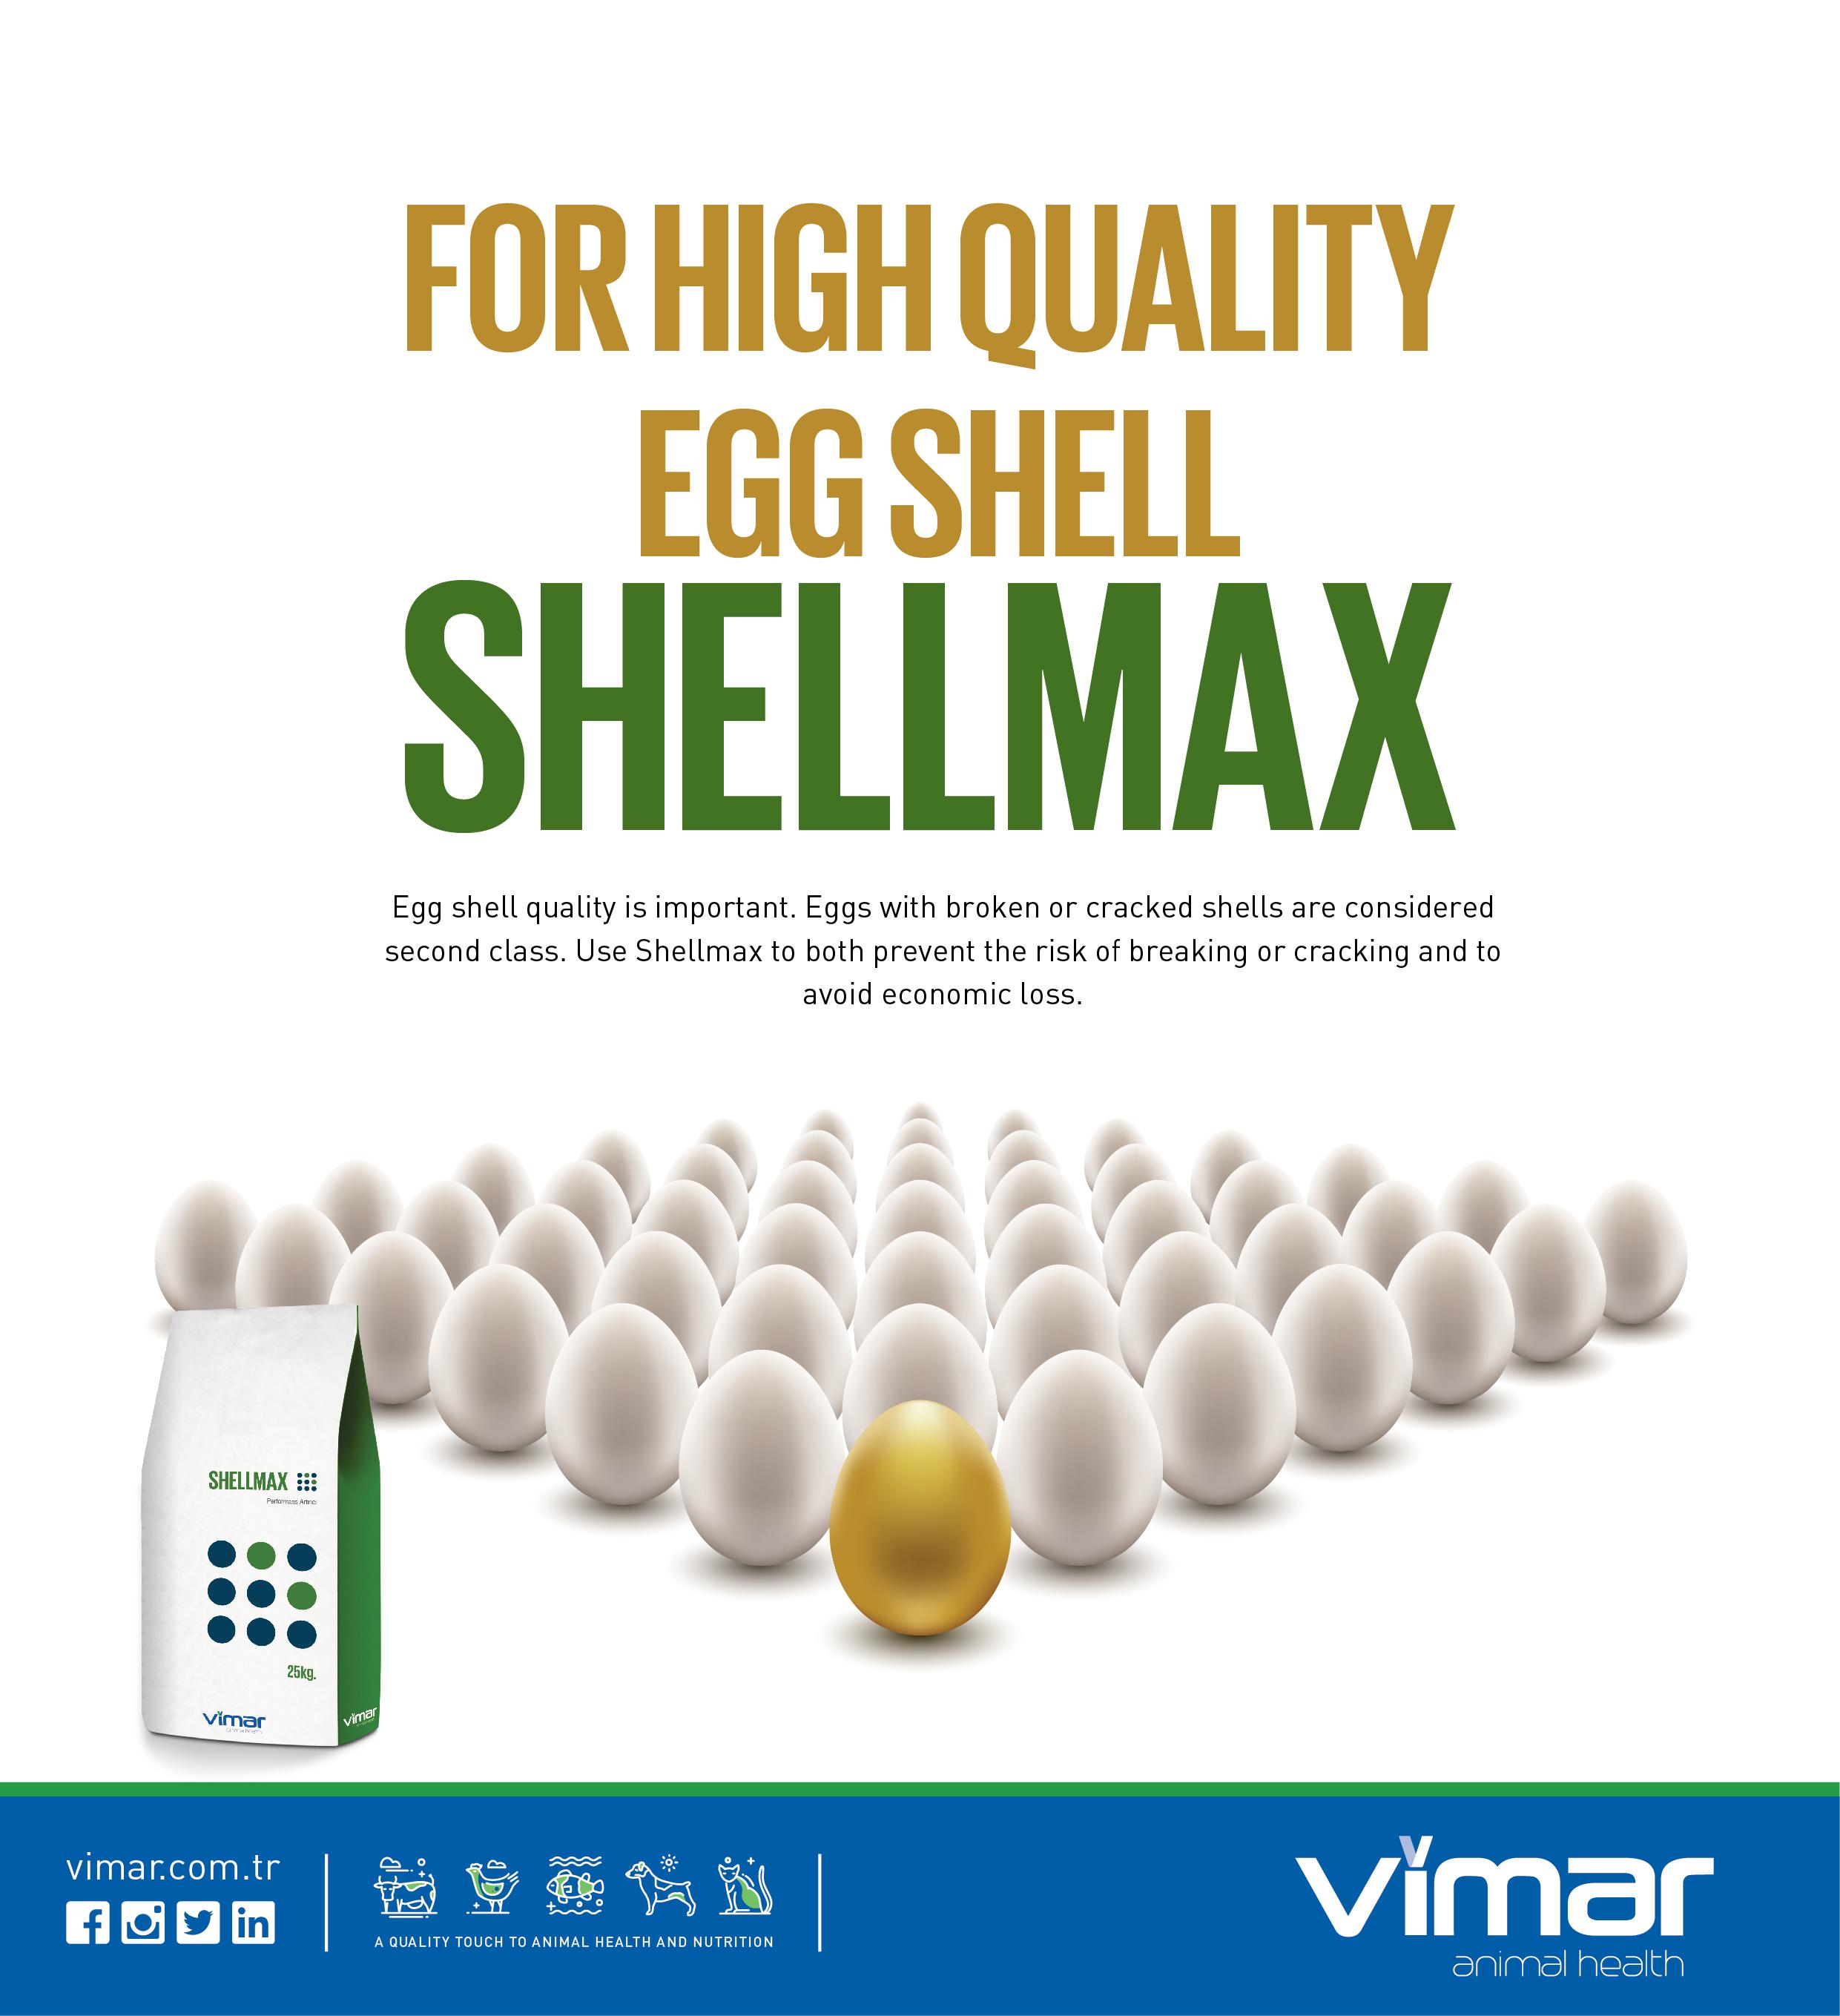 Shellmax